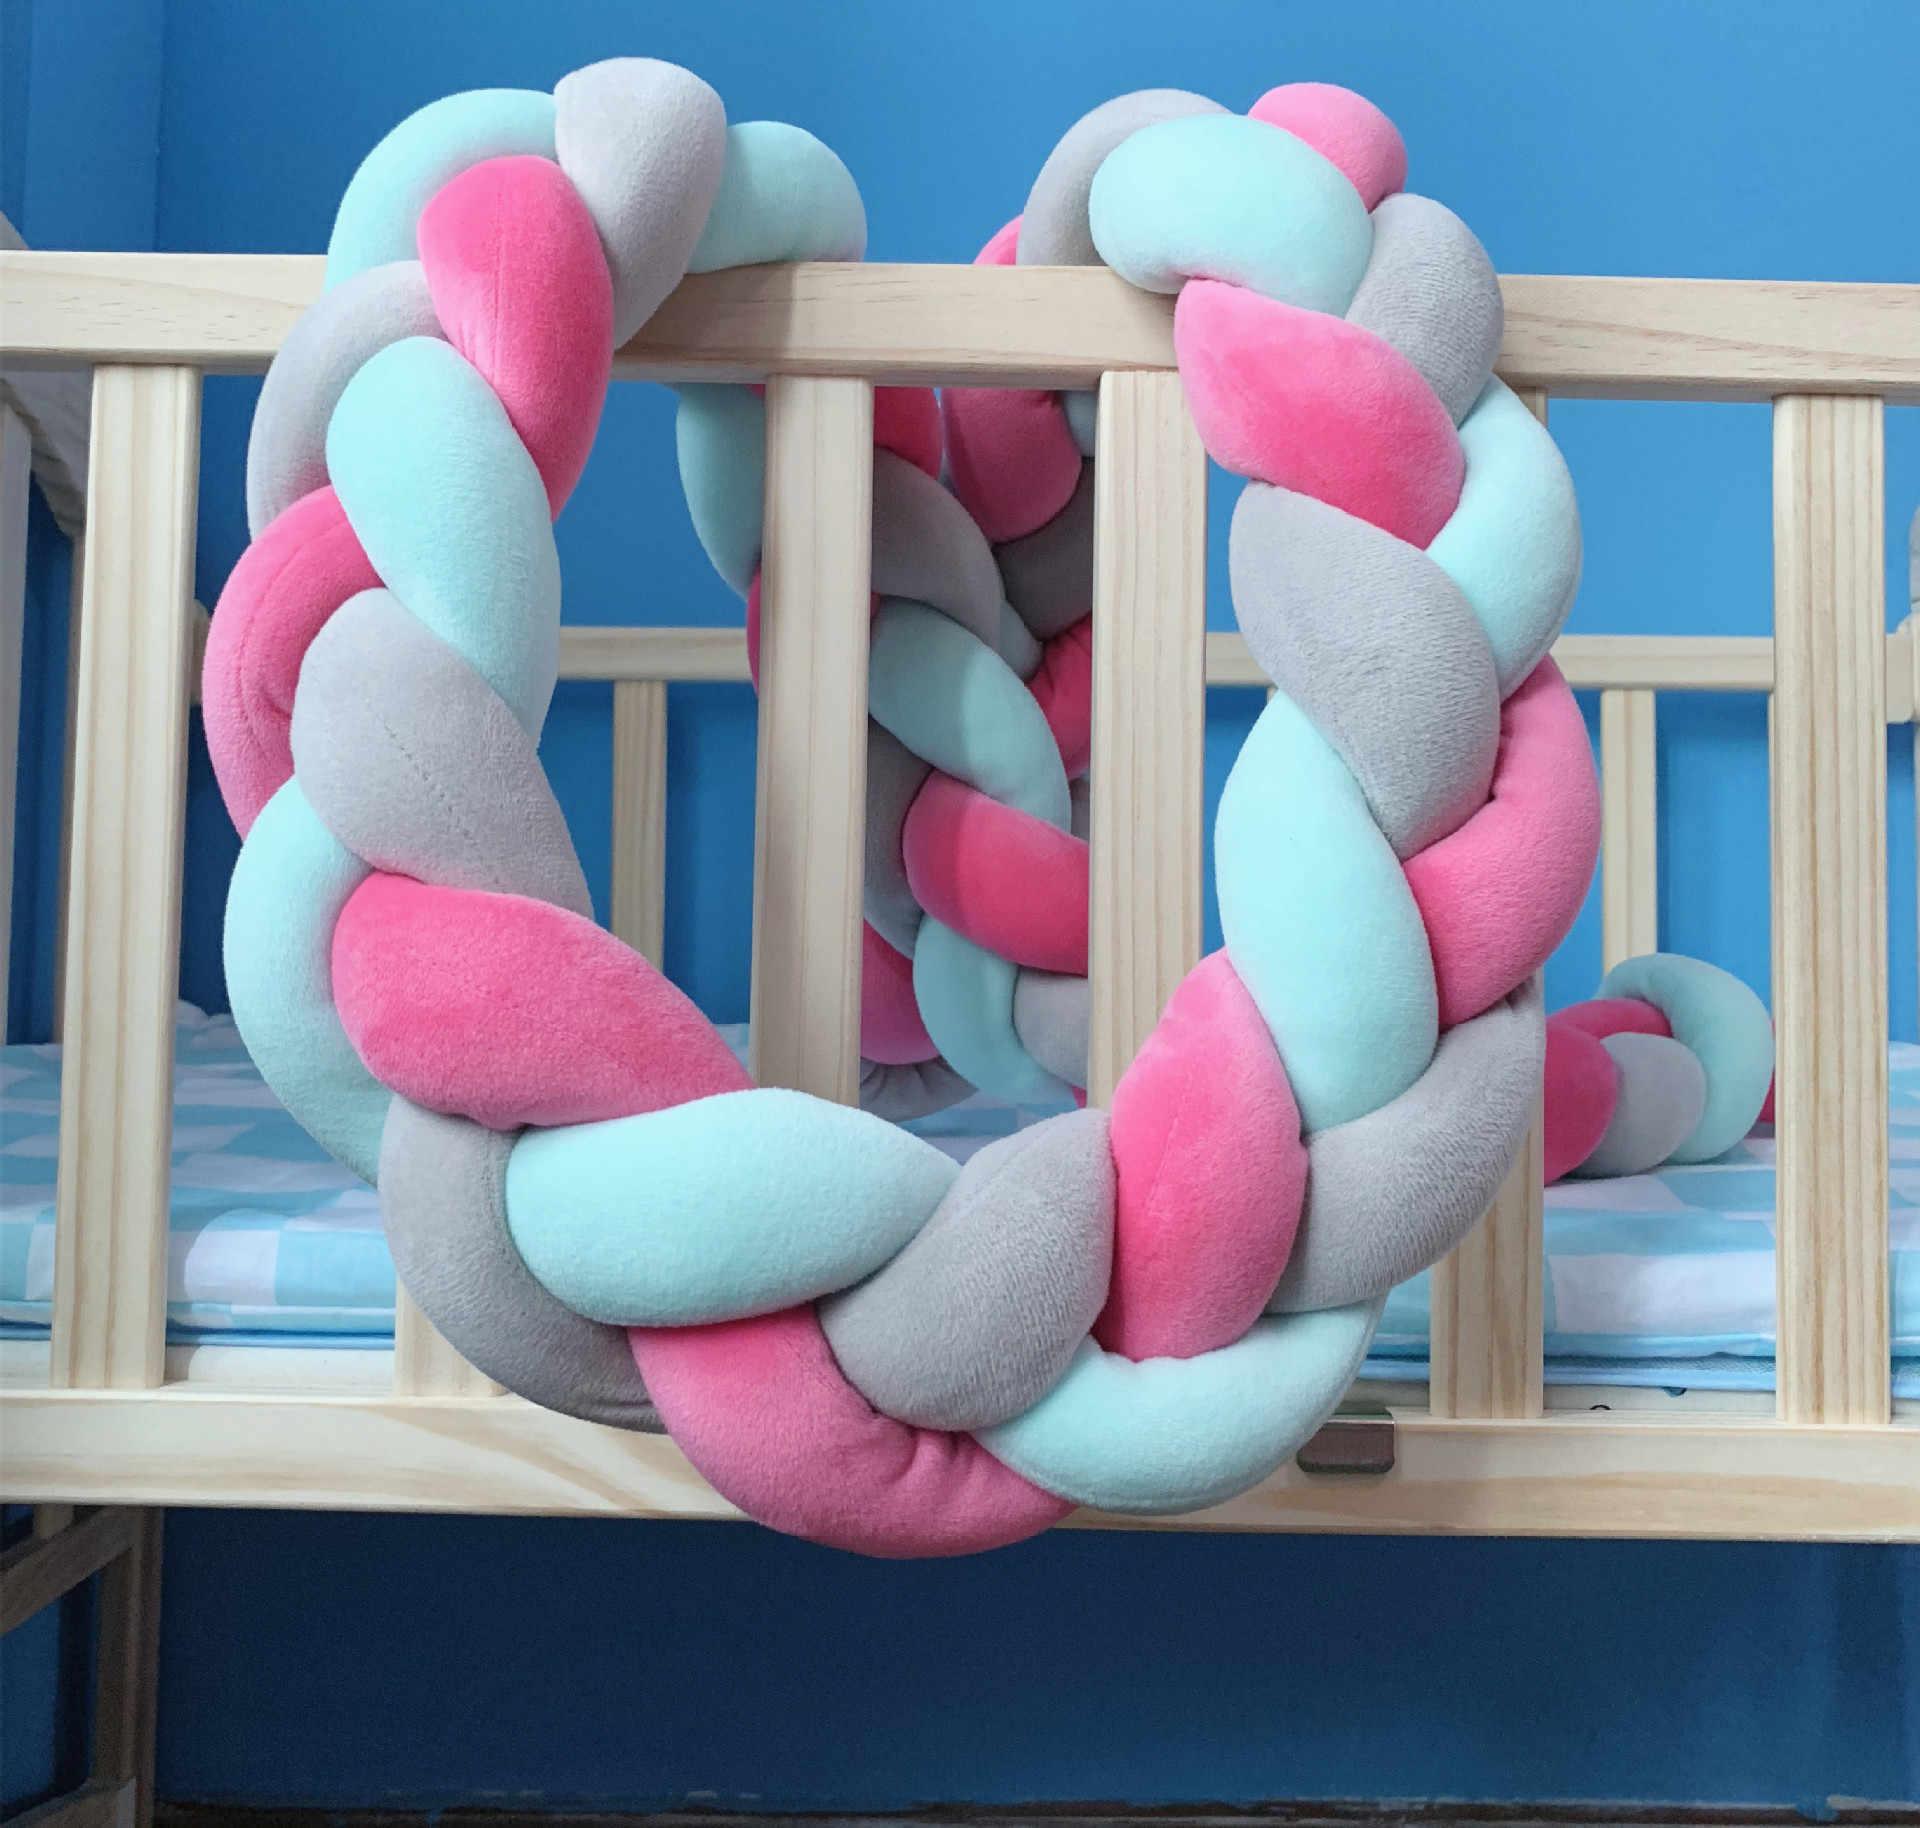 CYSINCOS 1M 2M 3M bébé lit tresse noeud oreiller coussin pour bébé Bebe berceau protecteur lit bébé chambre décor